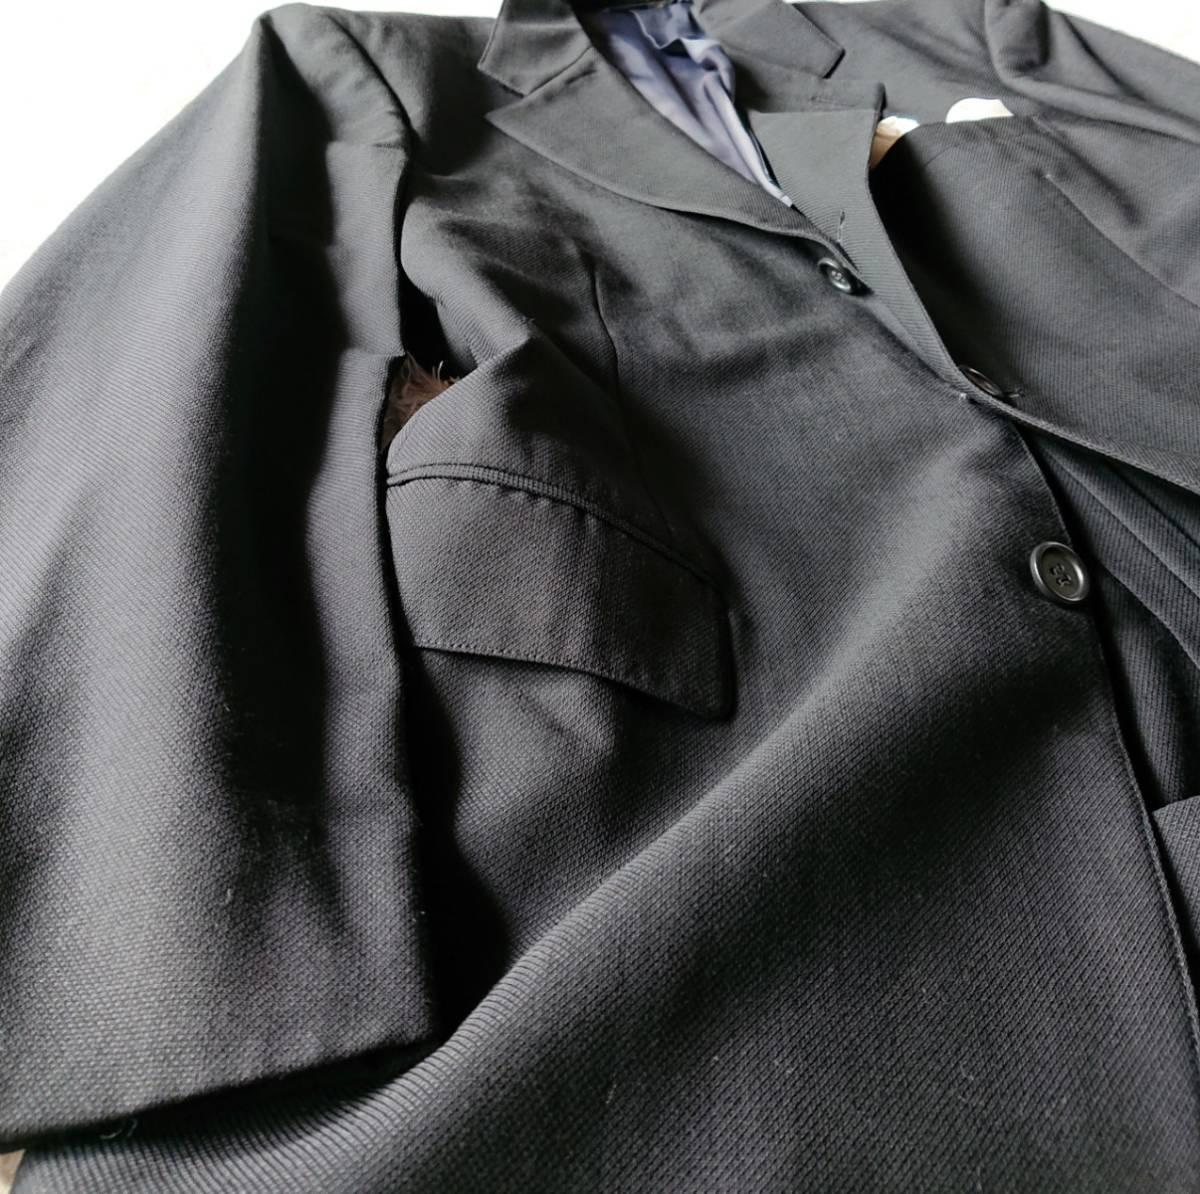 高級ピュアニューウール100% 日本製 予備パンツ付き★ ブルックス ブラザーズ スーツ セットアップ メンズ ブラック 黒 ビジネス 背抜き_画像6